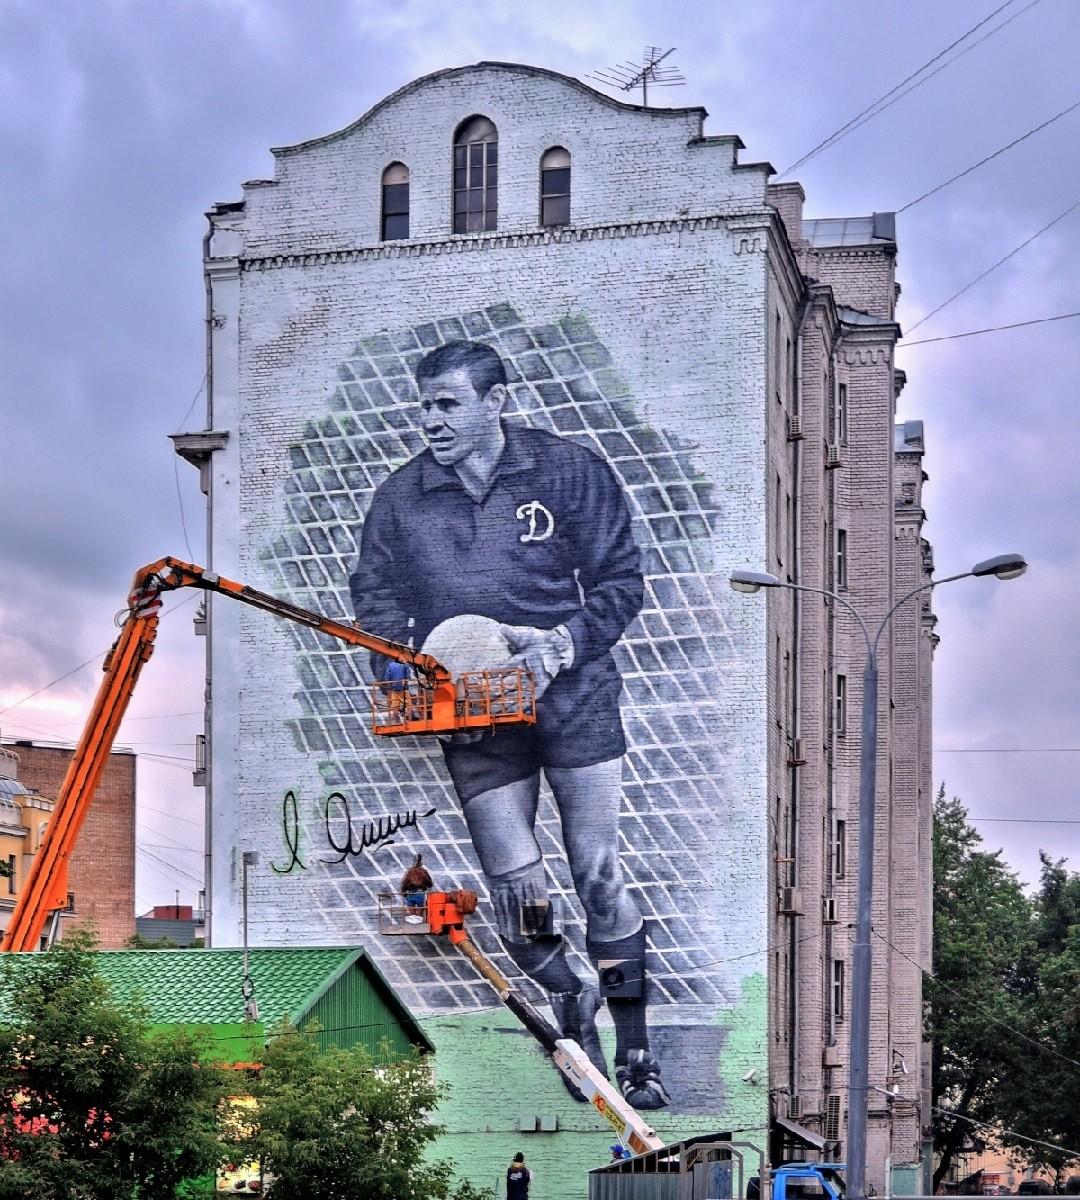 Peinture murale en hommage à Yachine, dans le centre de Moscou (station de métro Taganskaïa)